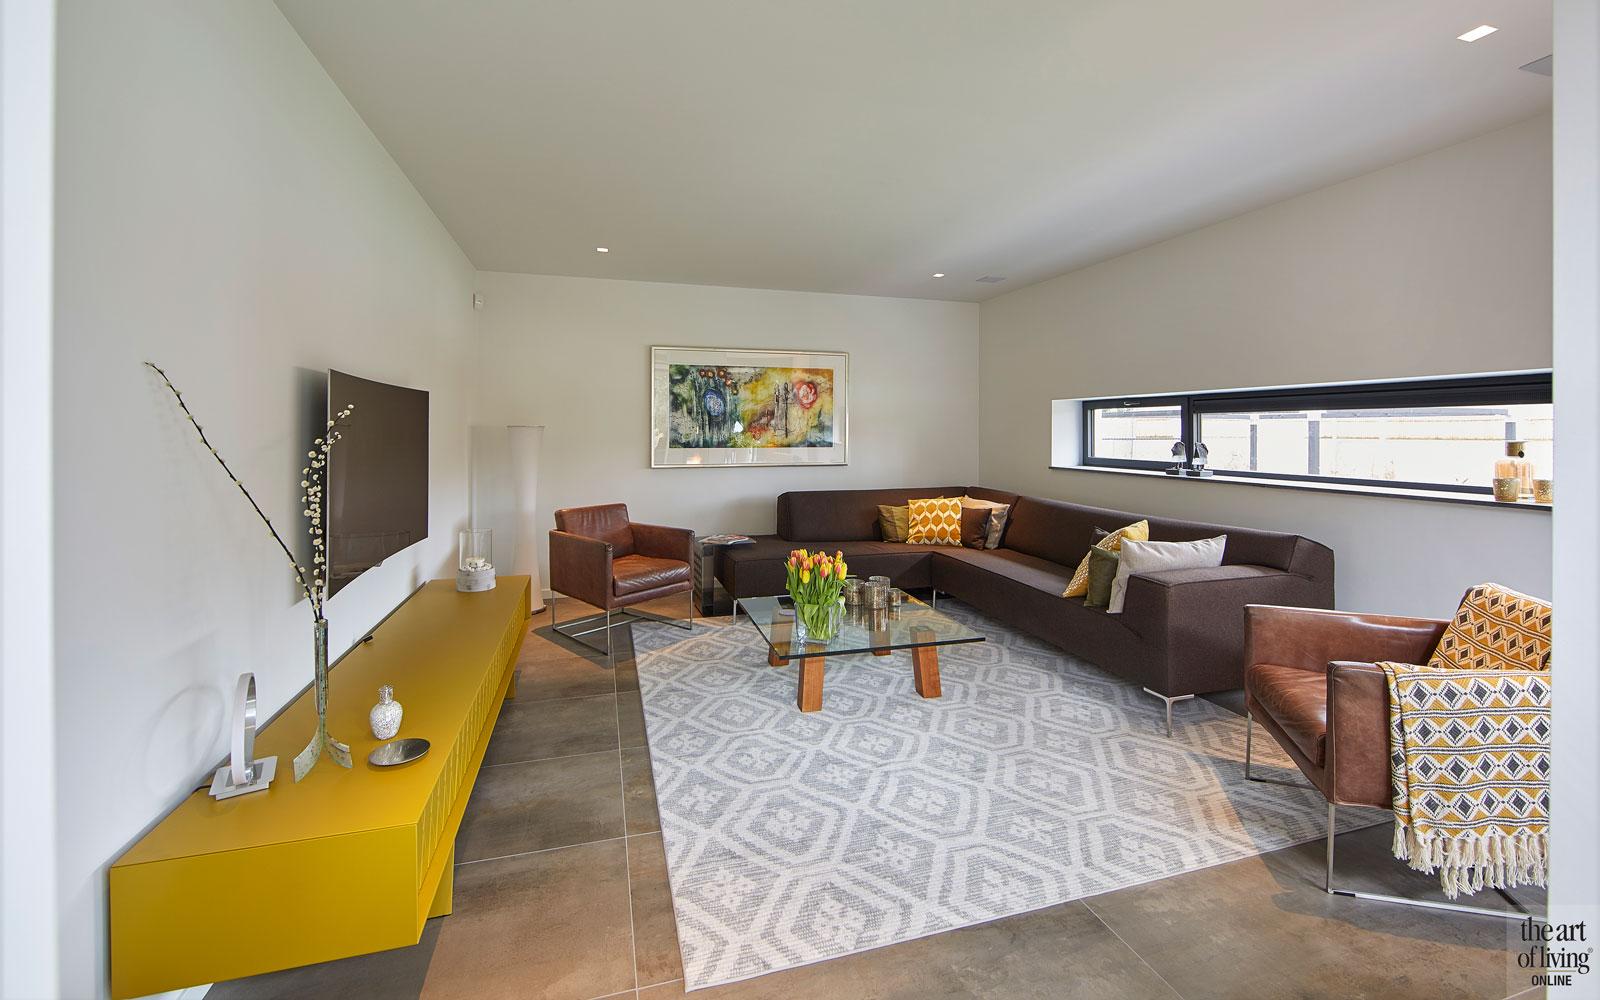 Woonkamer, living, vloerkleed, televisie, moderne bungalow, Leenders Architecten en Ingenieurs